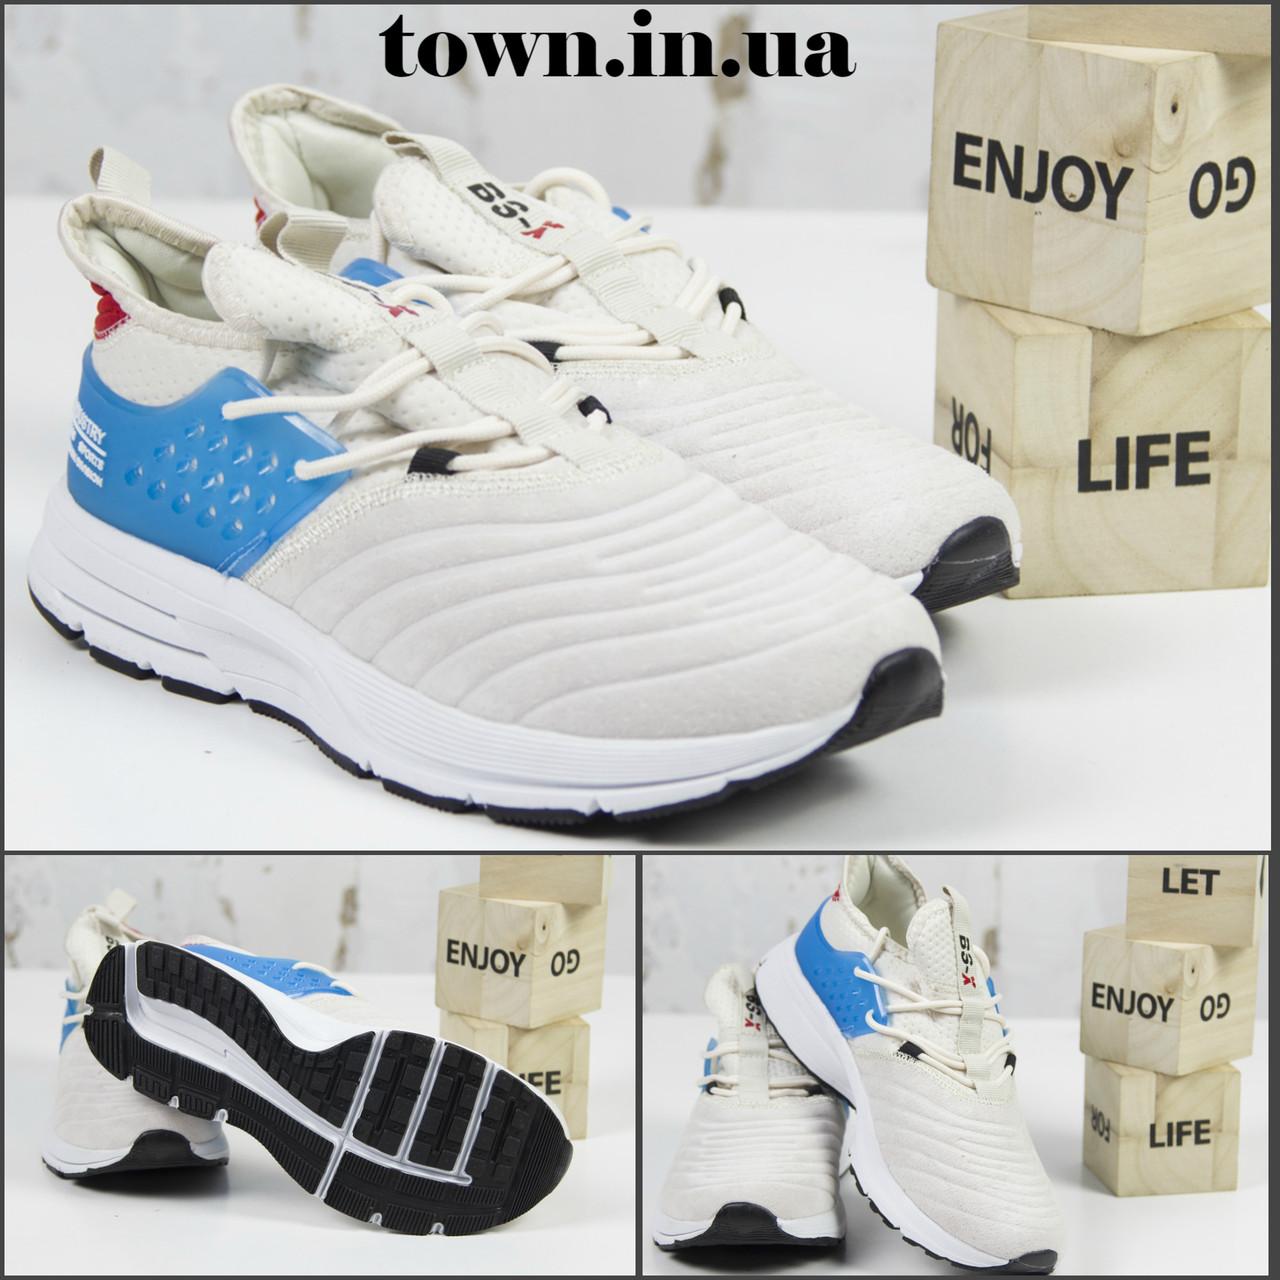 Жіночі спортивні кросівки, бежеві BS-X L1562-25.Повсякденні кросівки, текстиль 36-41 р. Жіноче взуття